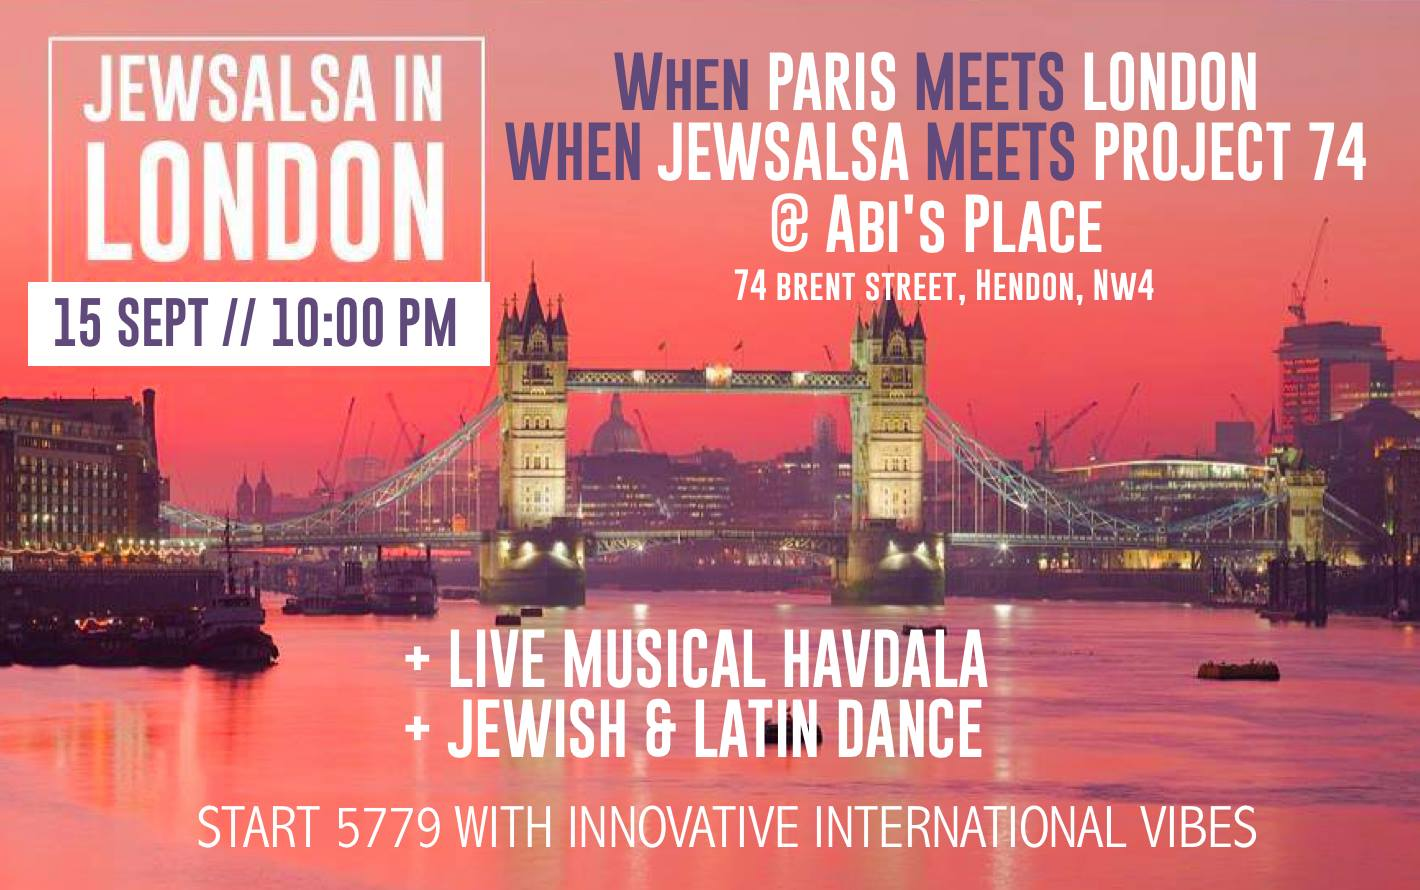 london-jewsalsa